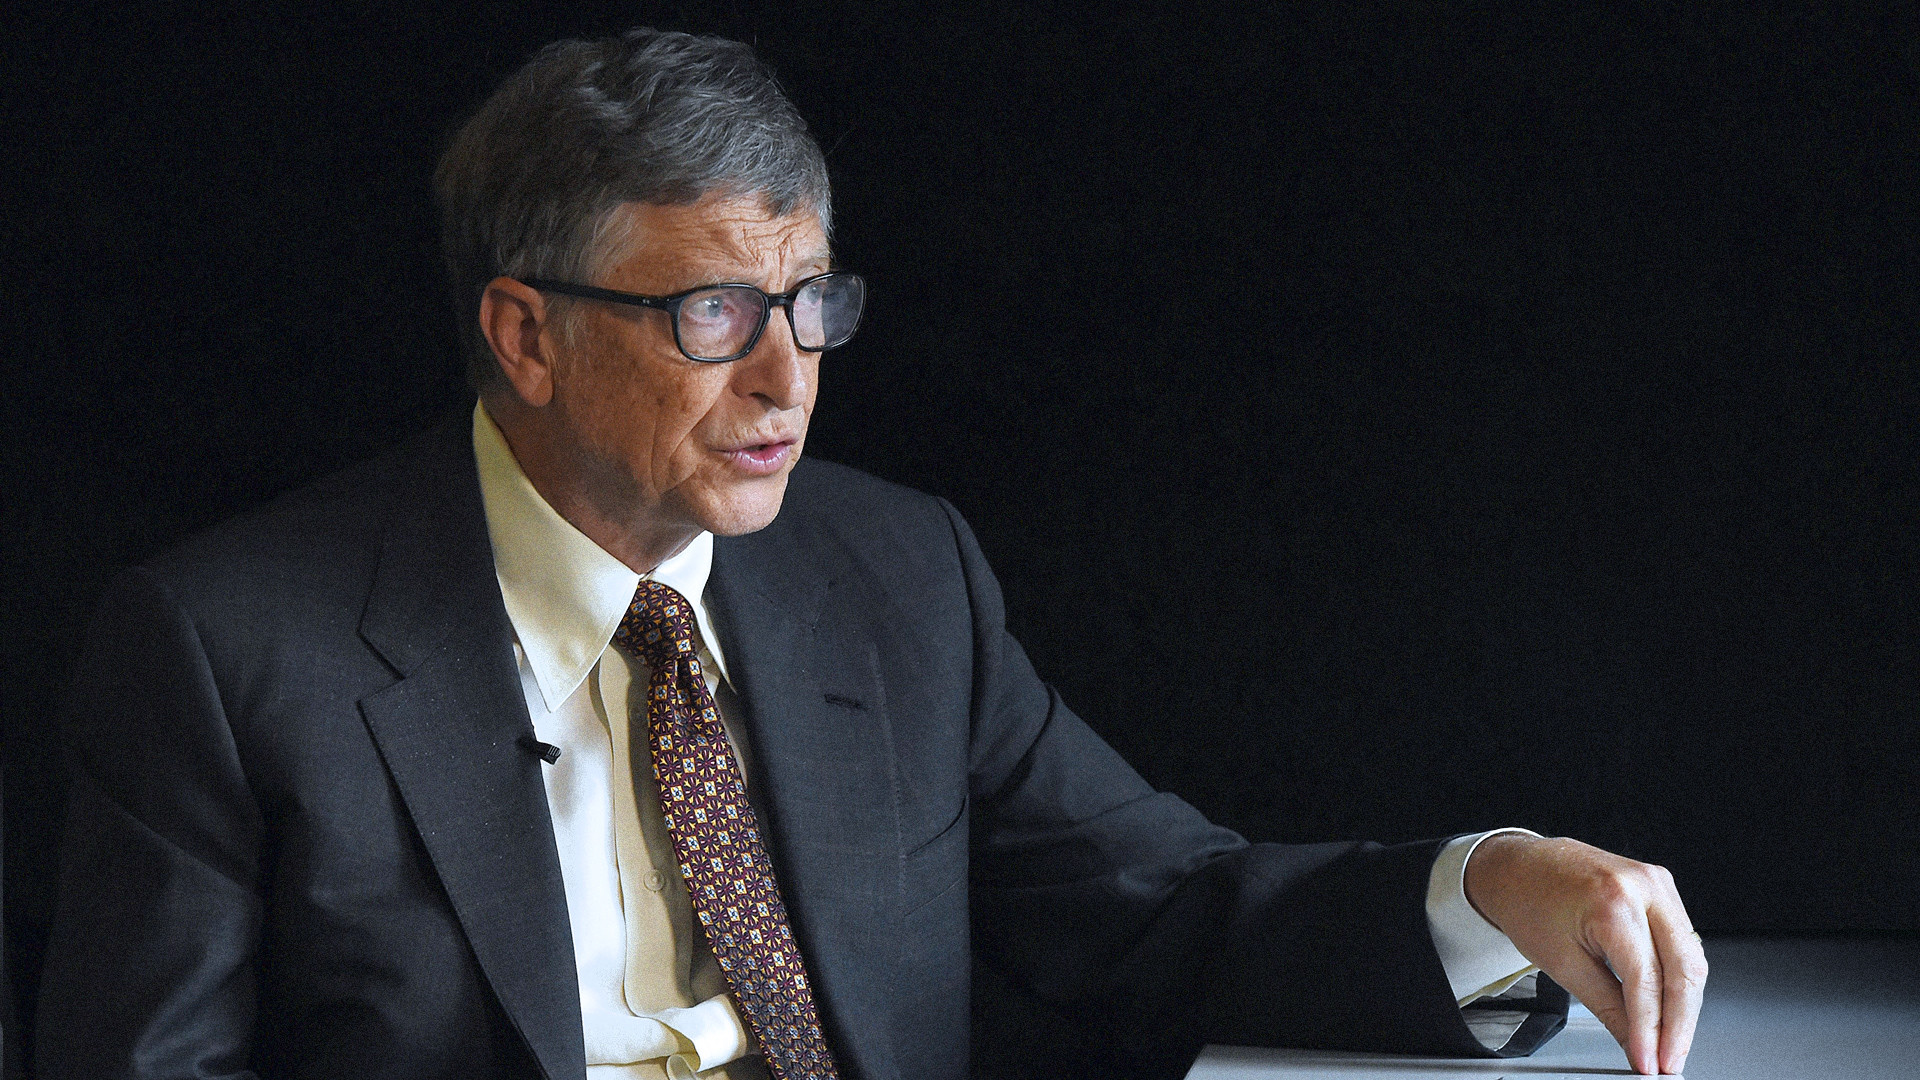 Jedi Quote Wallpaper Bill Gates Wallpaper 73 Images